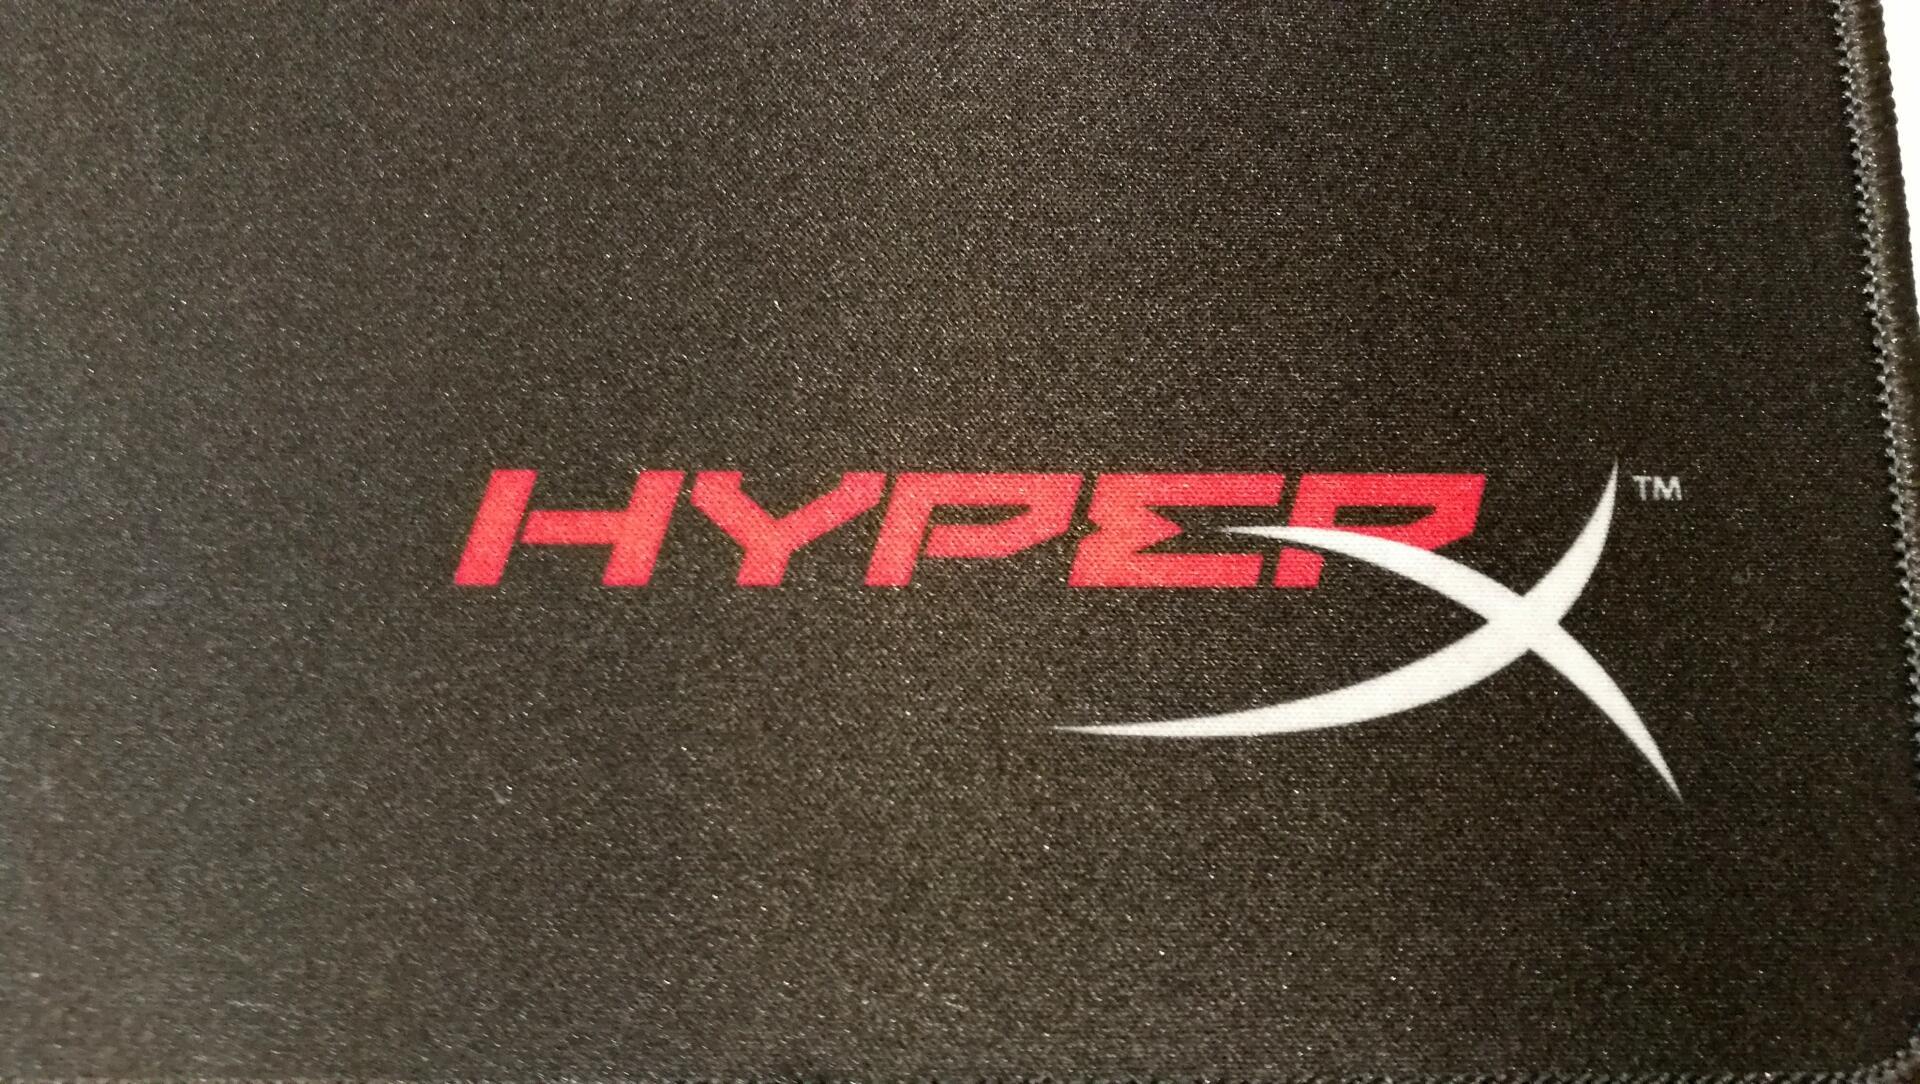 Periferiya - HyperX Fury Pro. Yarost pod polnym kontrolem